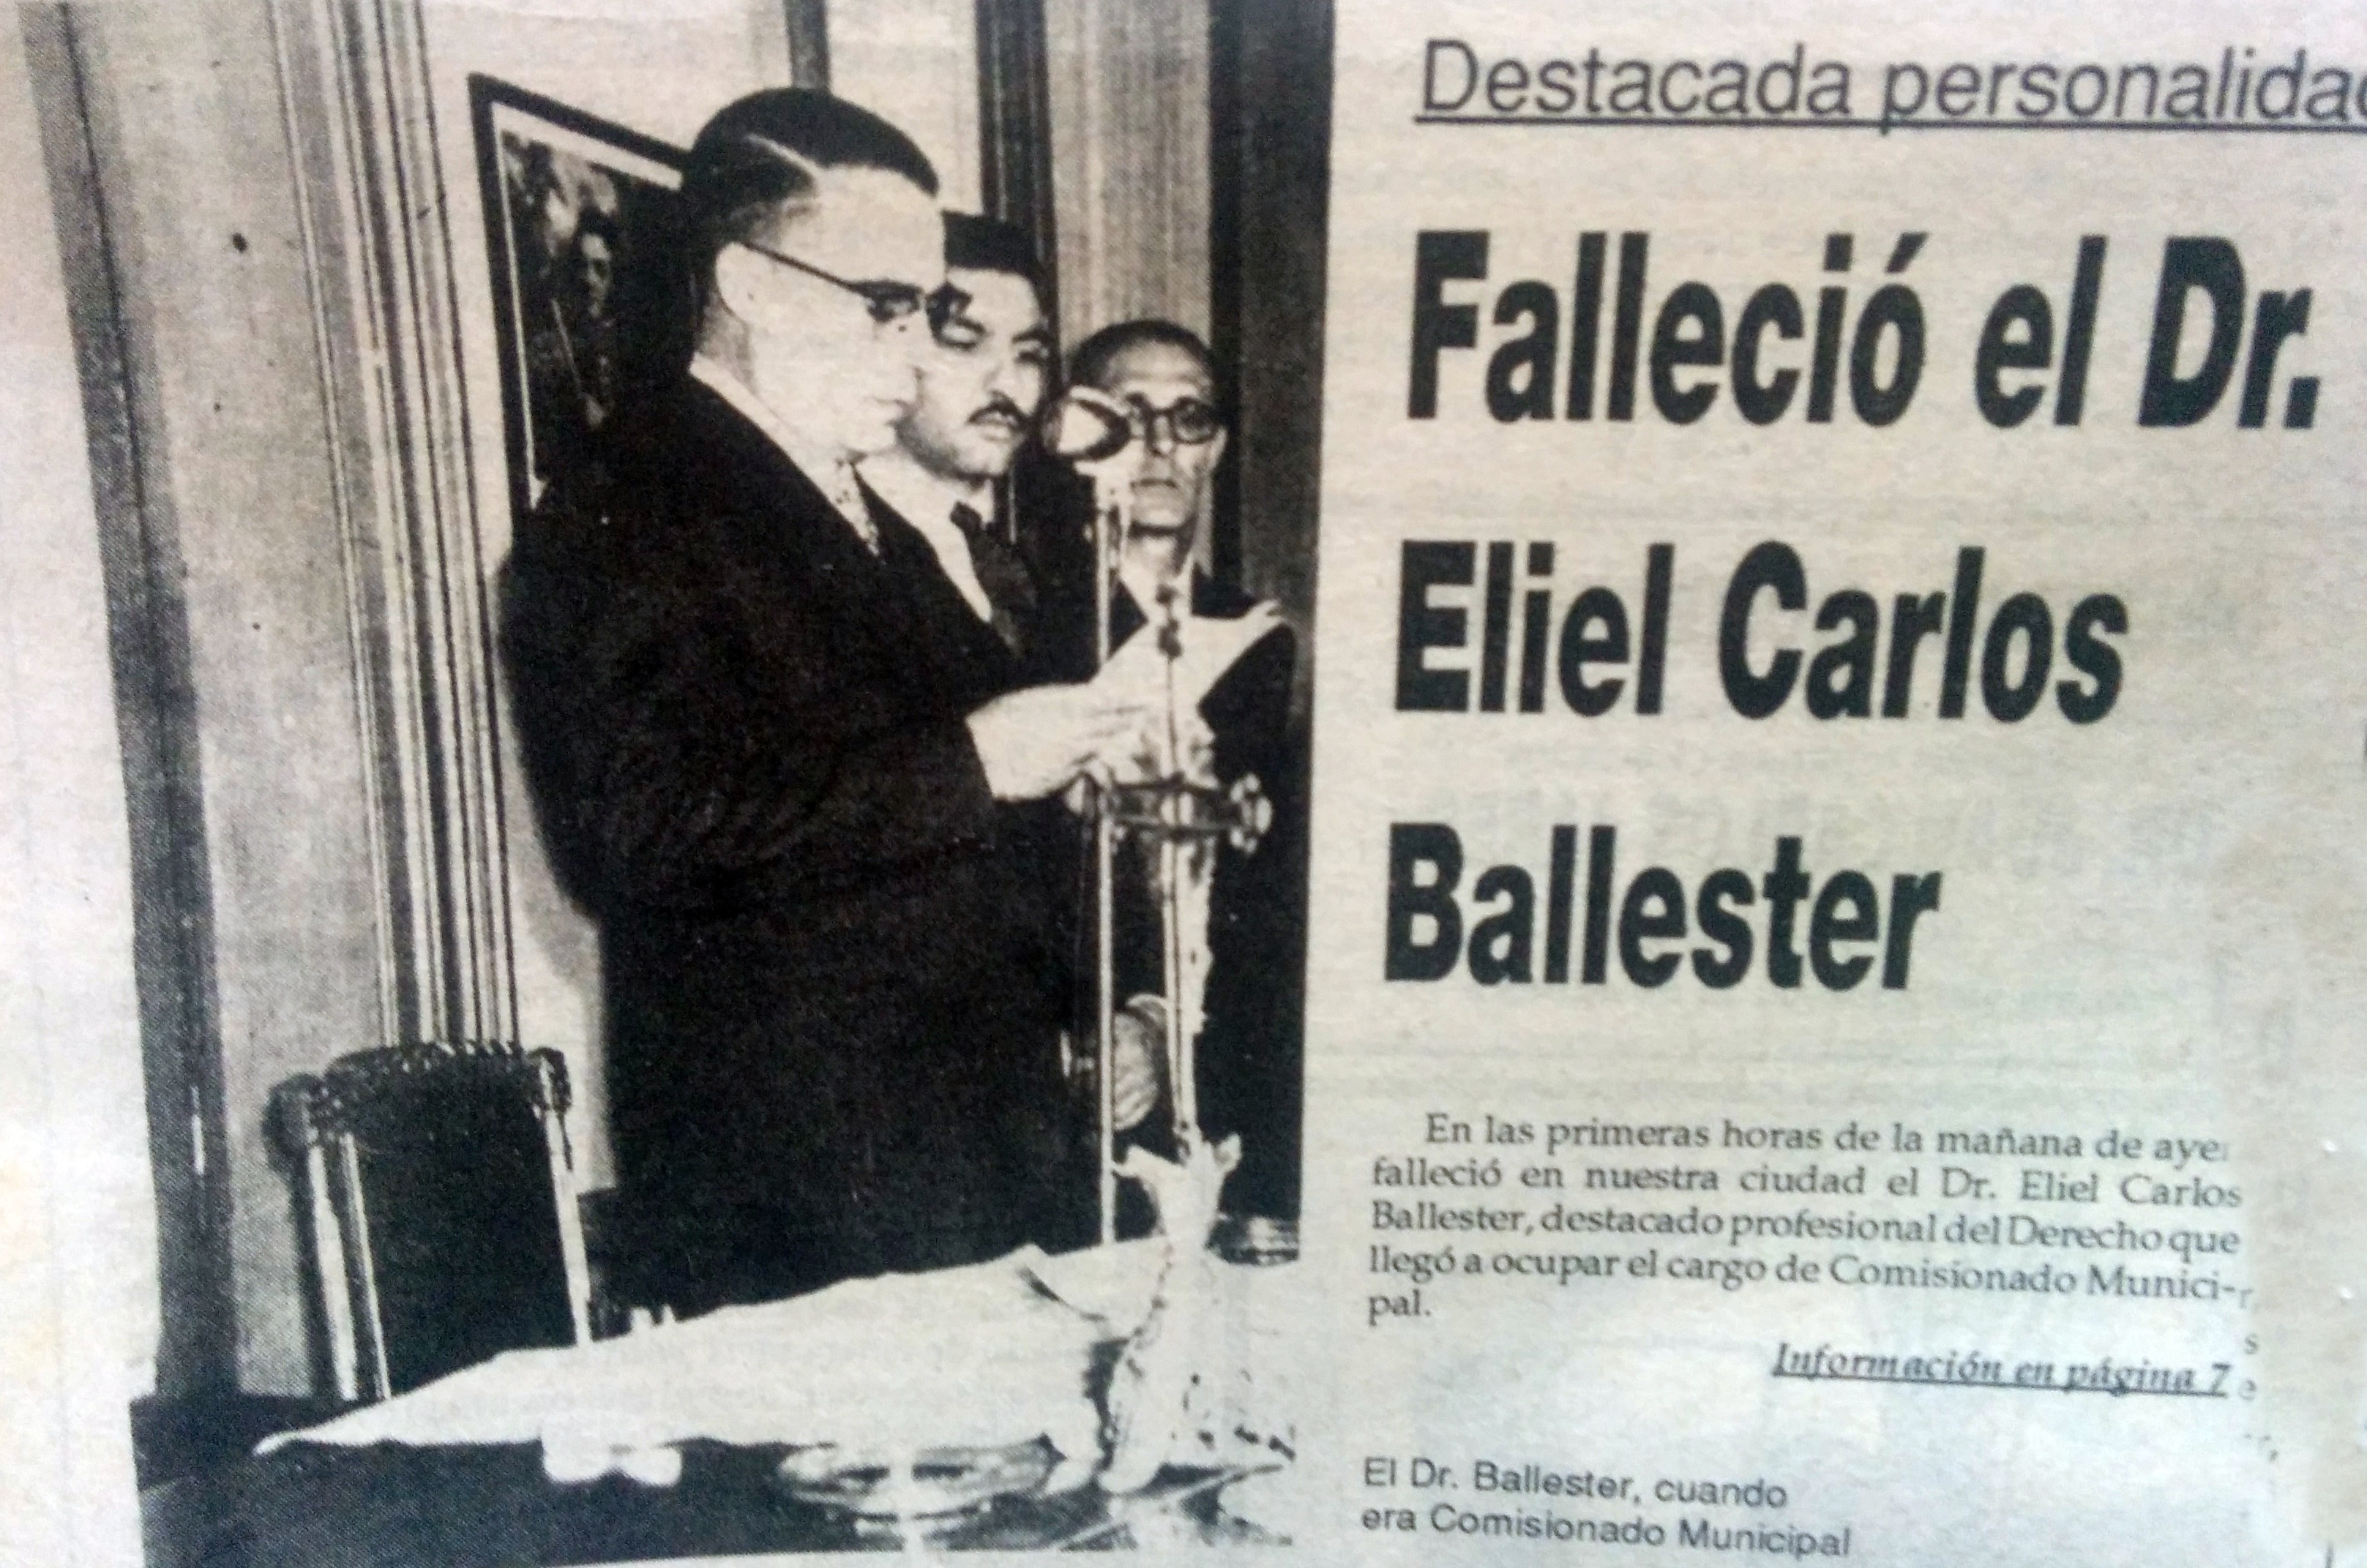 Dr. Eliel Carlos Ballester (1914-1993), ex comisionado municipal de Chivilcoy, entre 1957 y 1958.